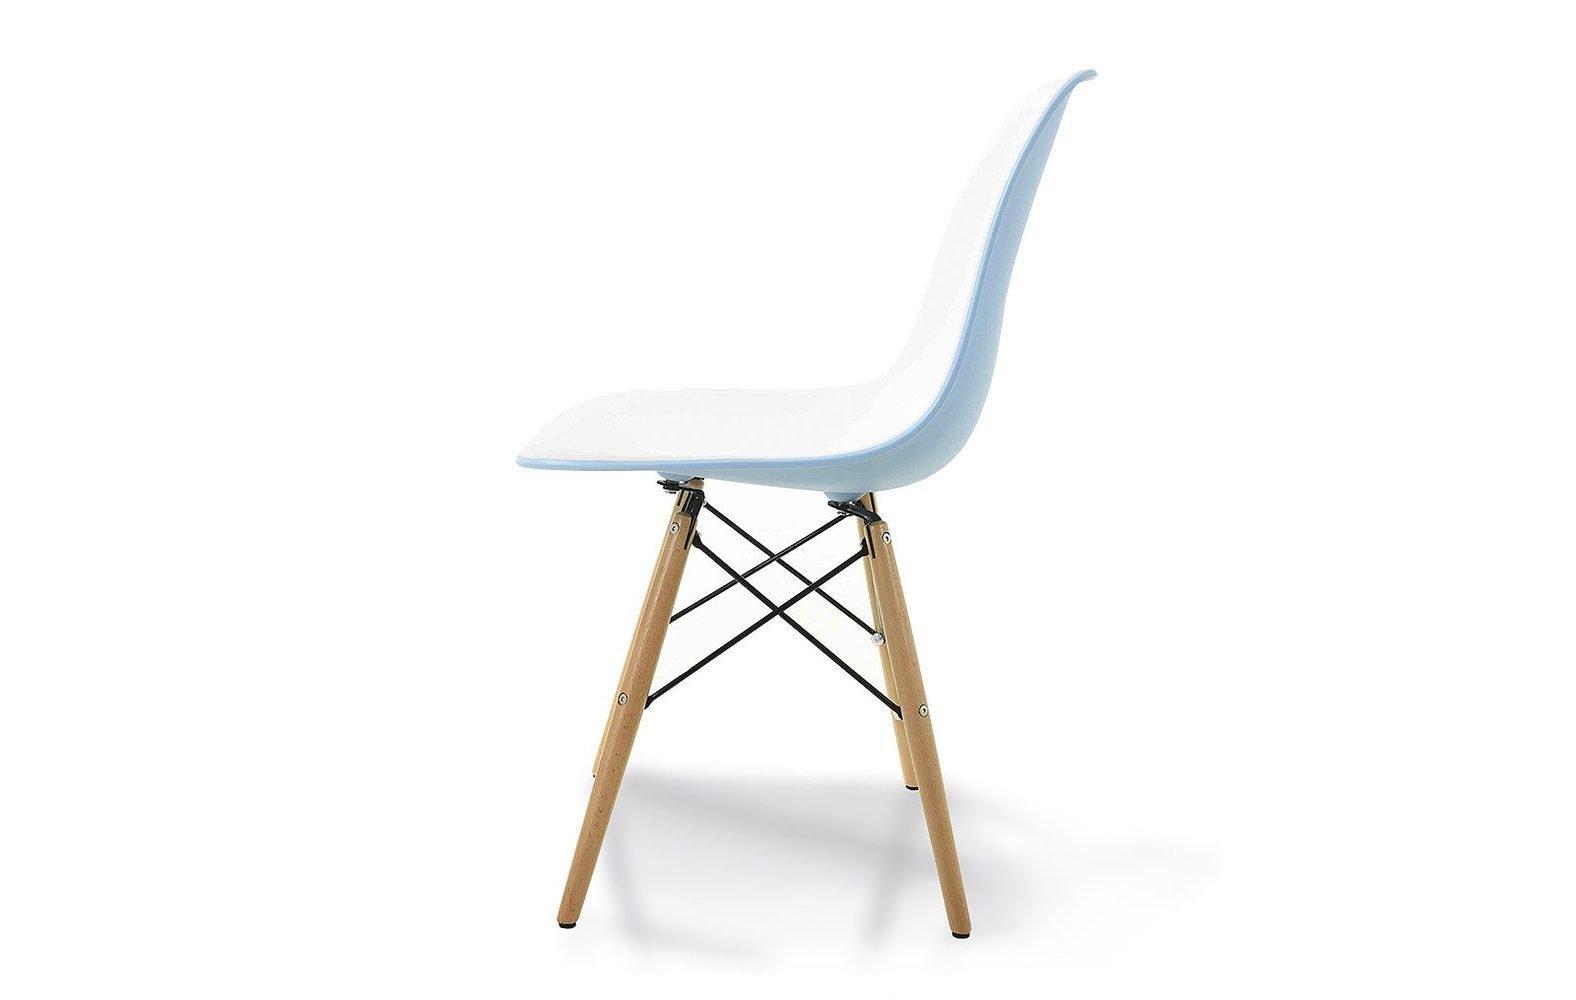 inmyroom / Комплект из шести стульев с деревянными ножками бело-голубого цвета